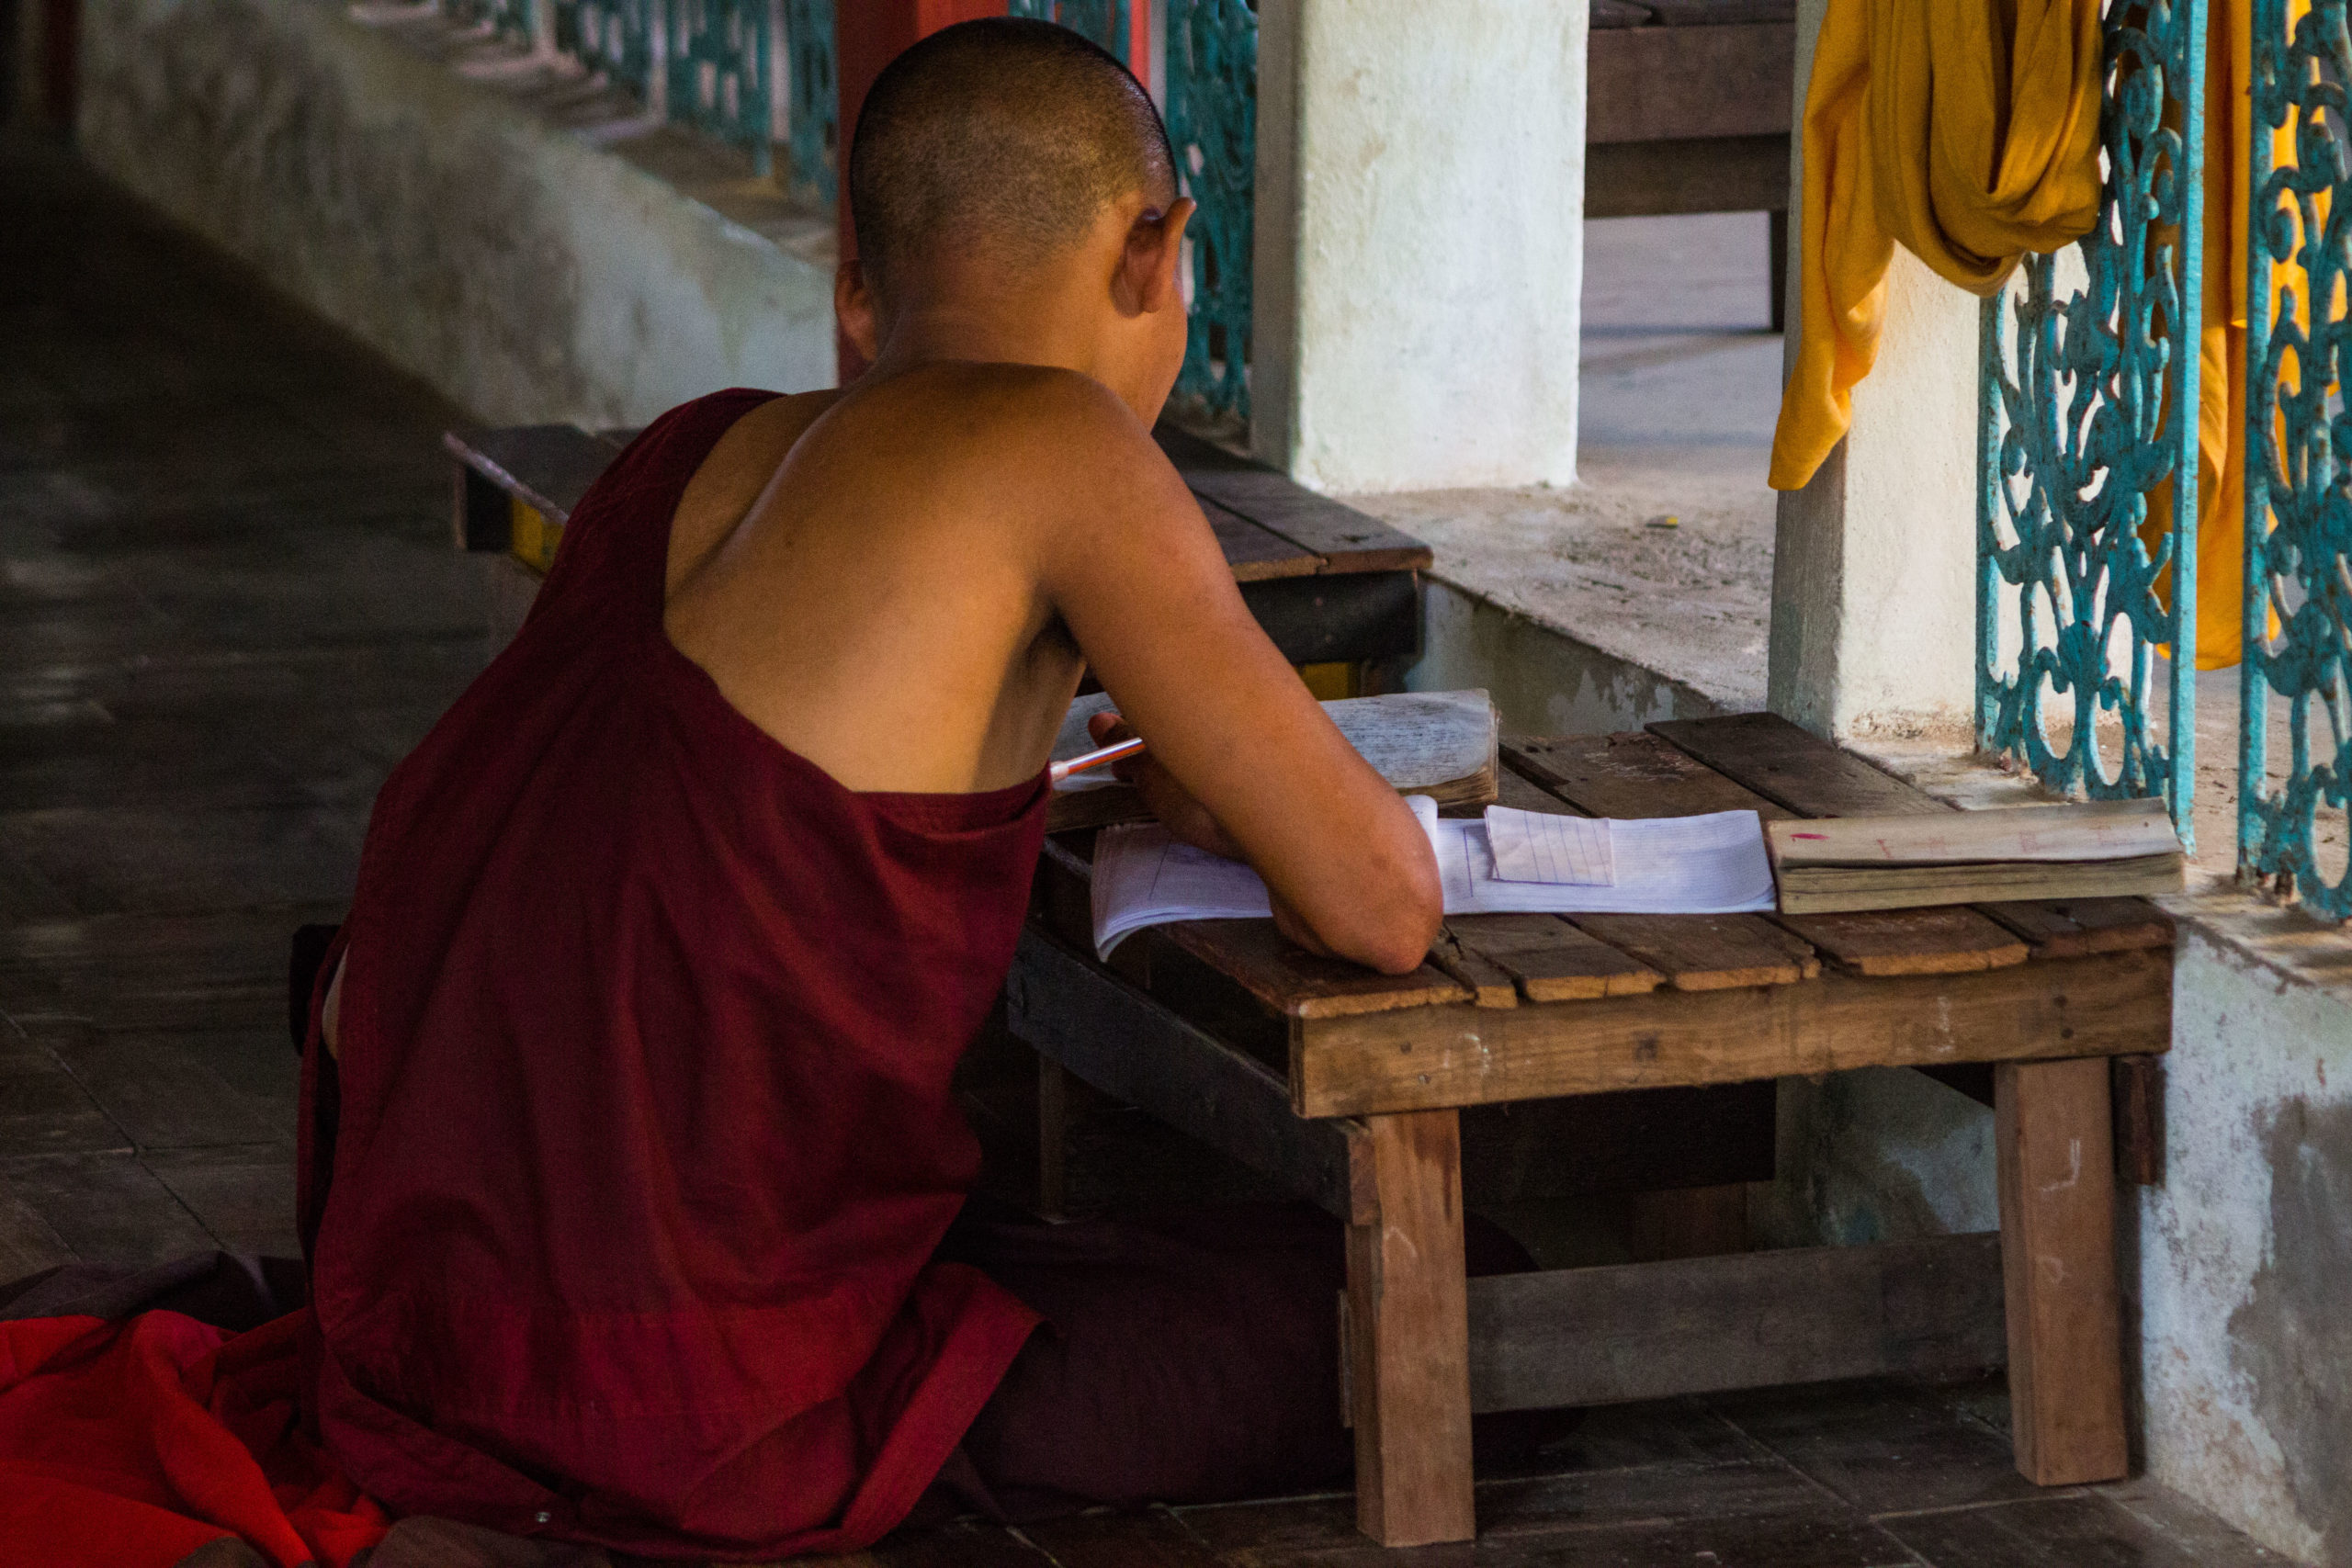 Moine étudiant au monastère Kha Khat Wain Kyaung, Bago, Birmanie